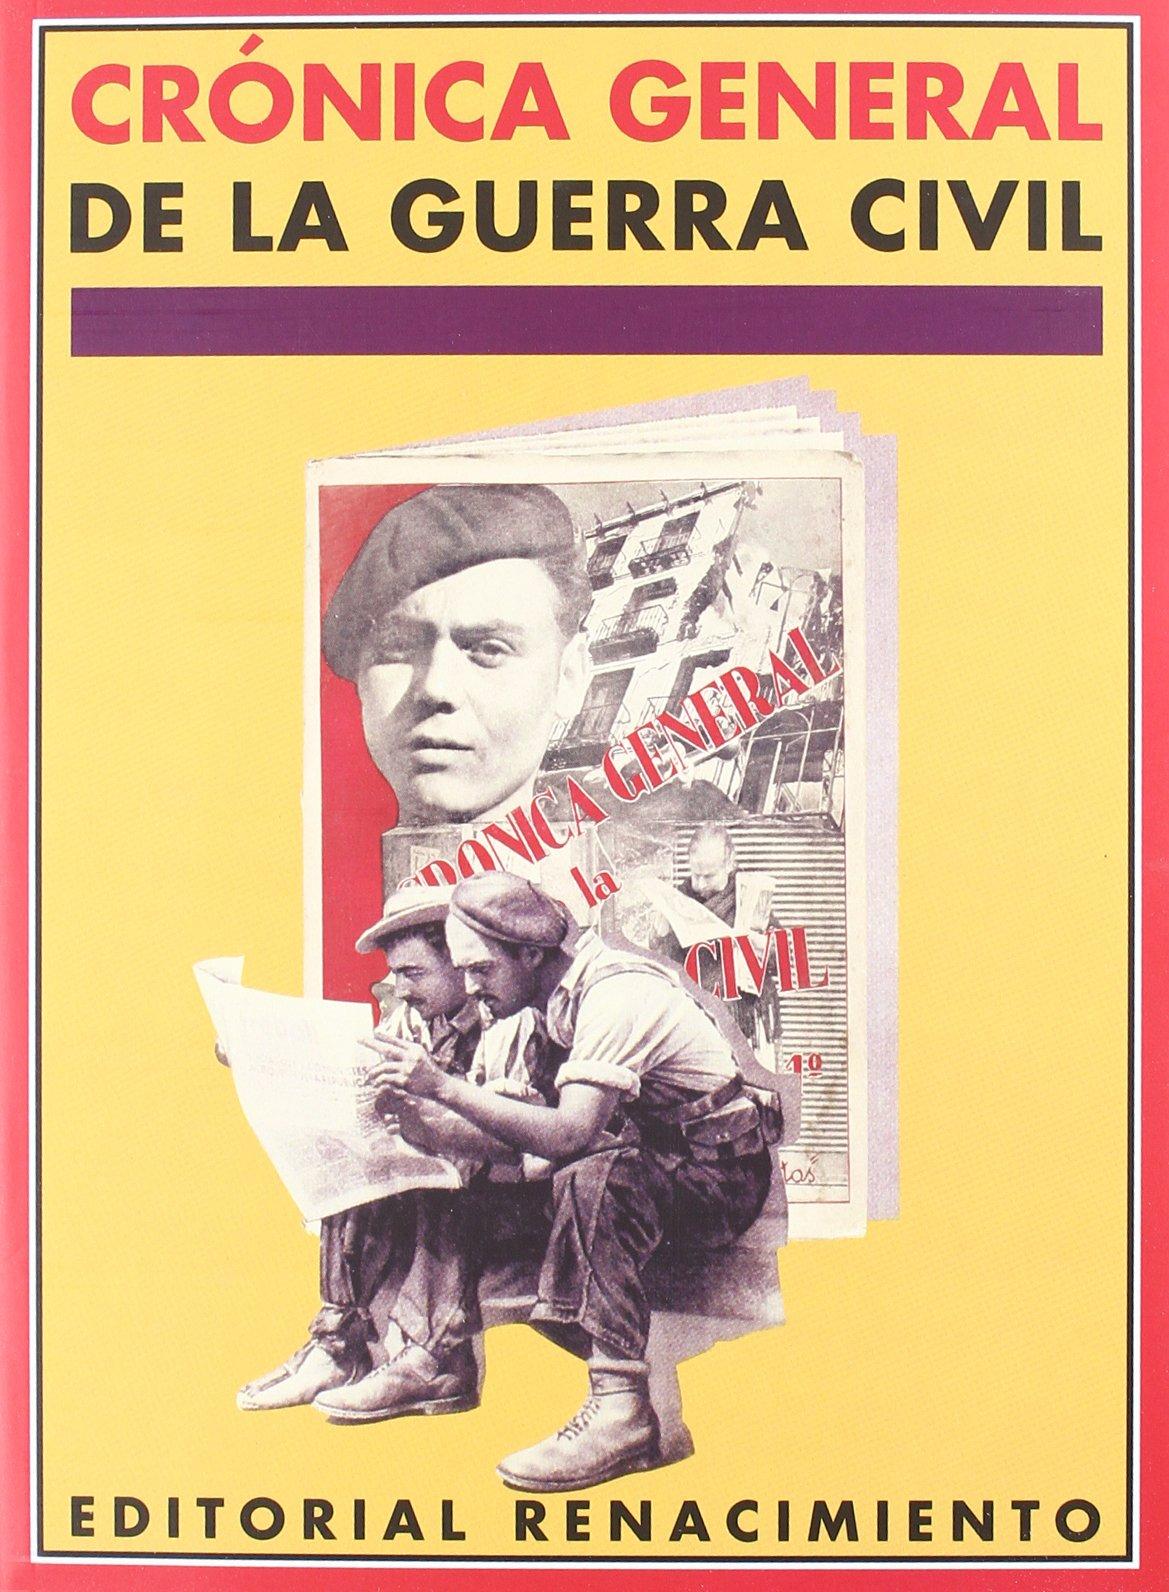 Cronica General De La Guerra Ci (Facsímiles): Amazon.es: León Goyri, María Teresa (1903-1988), Esteve Juárez, Luis A.: Libros